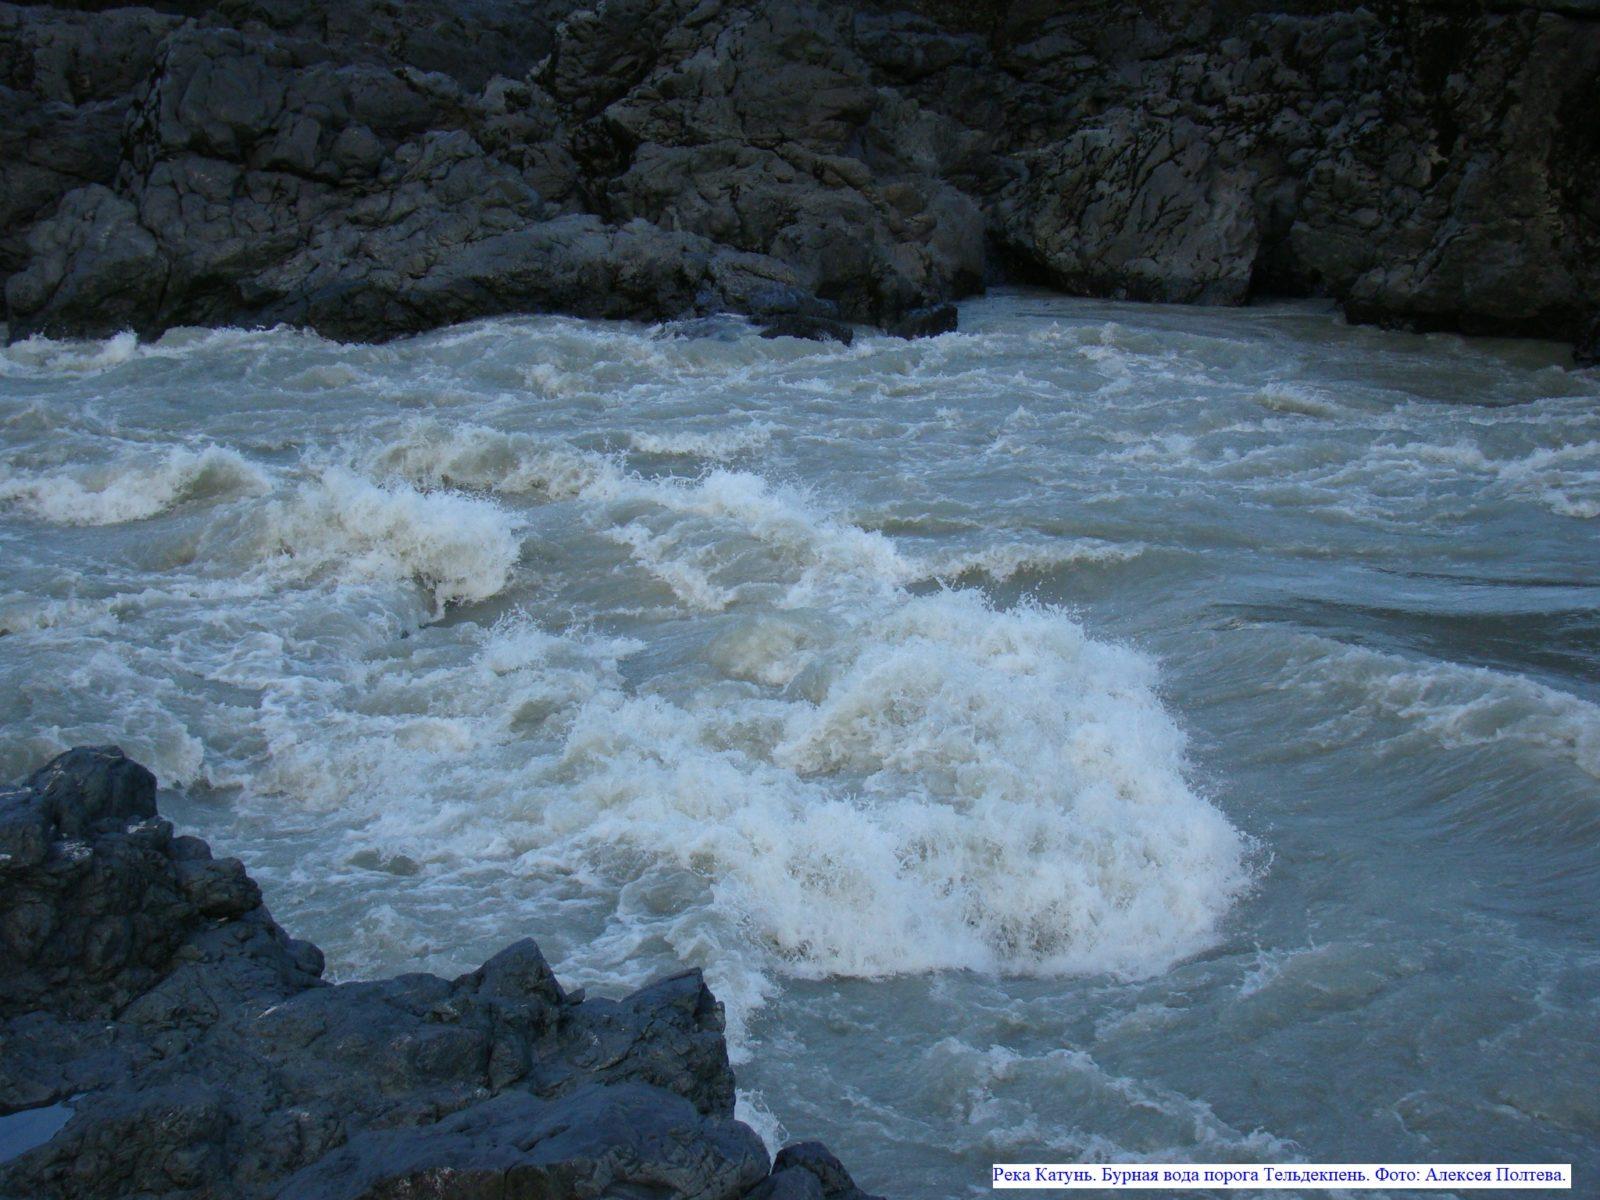 Река Катунь. Бурная вода порога Тельдекпень.